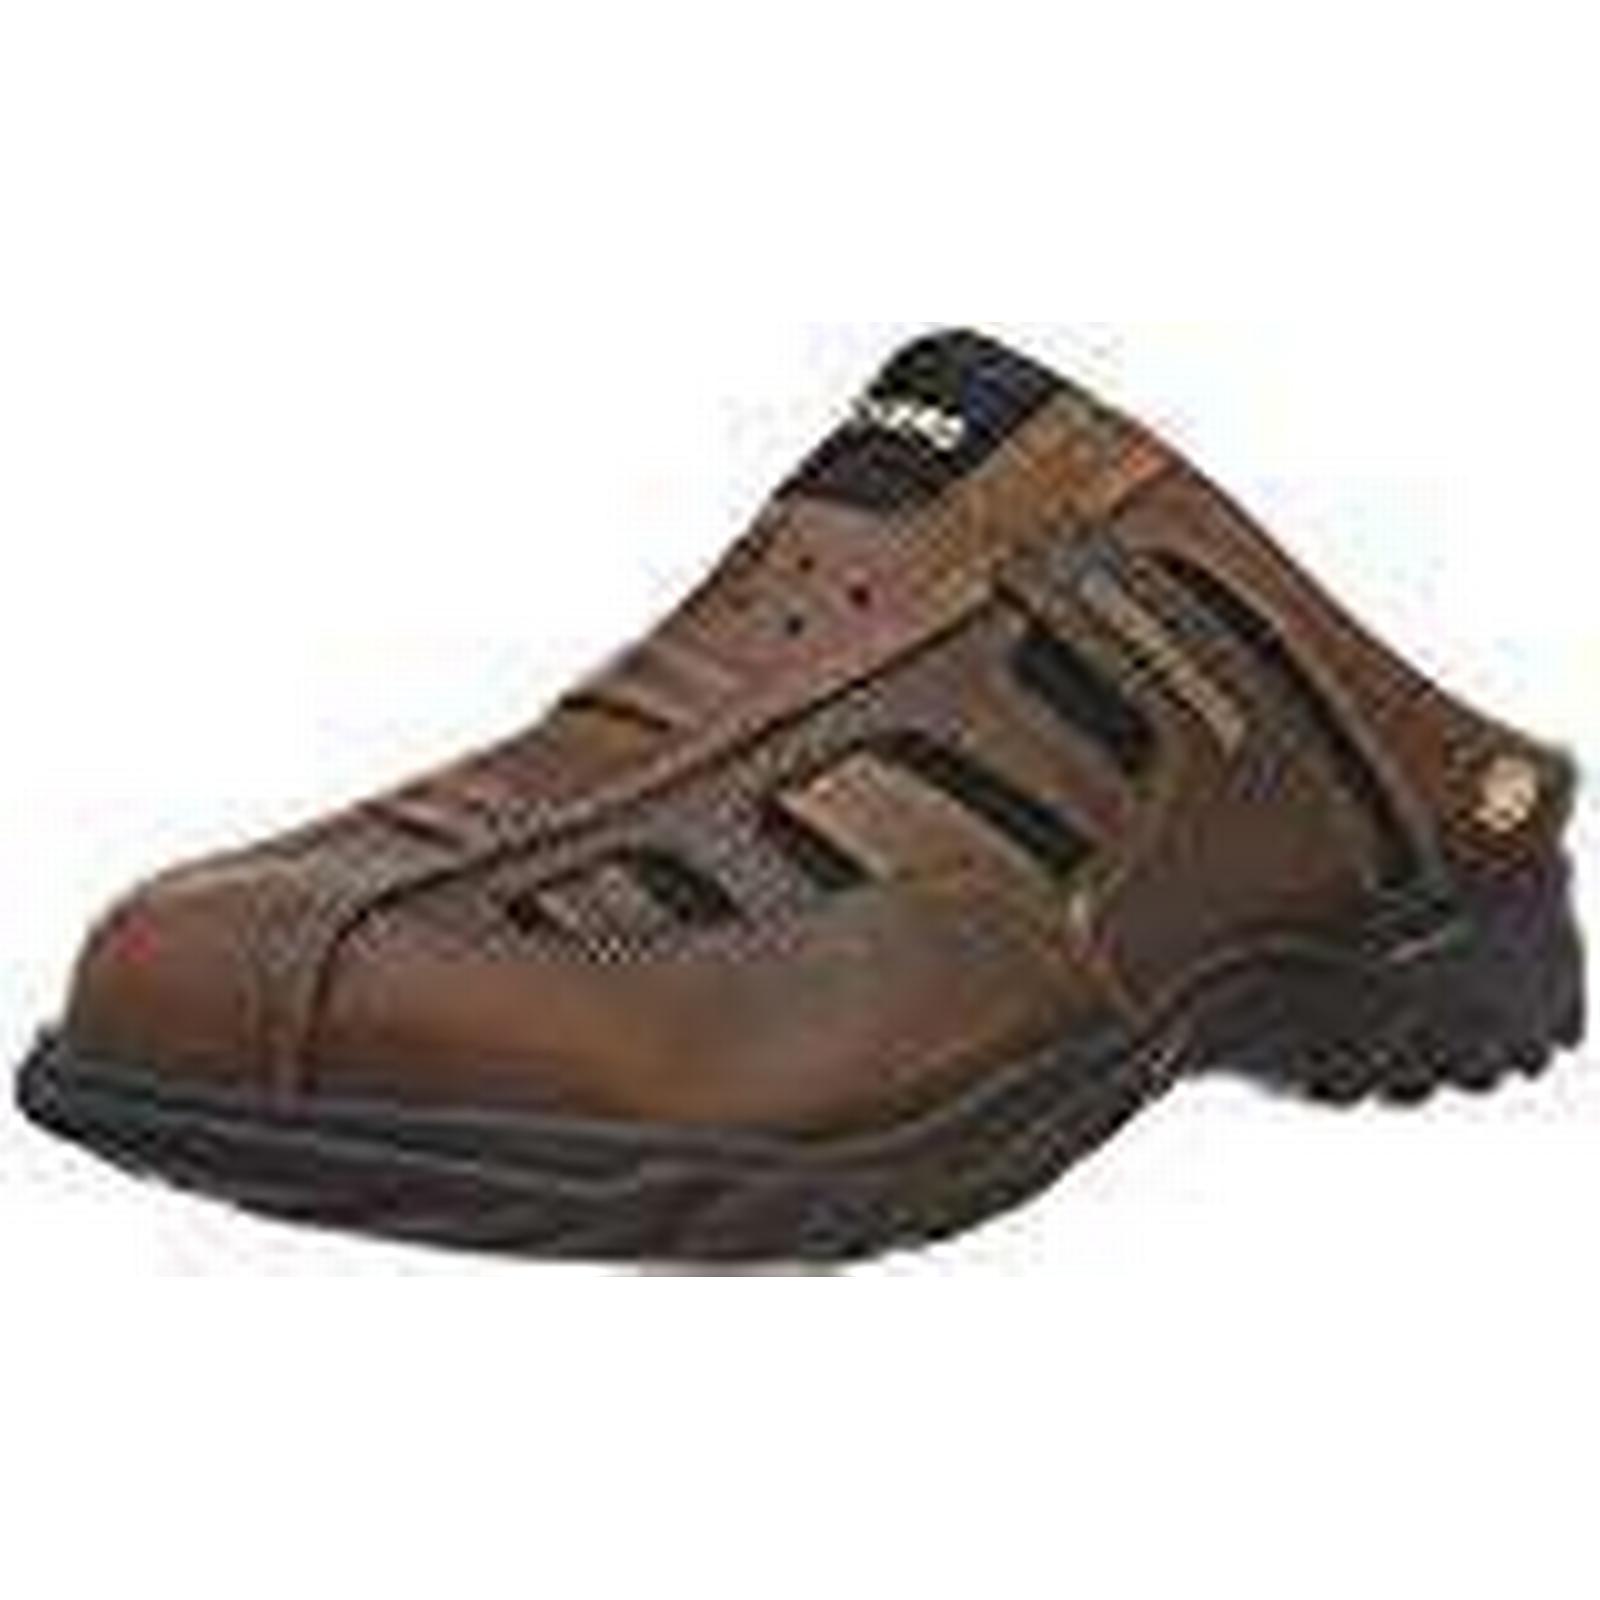 Dockers by Gerli Men's Brown 36LI005-112410 Closed Toe Sandals, Brown Men's (reh 410), 8 UK 8 UK 94739c